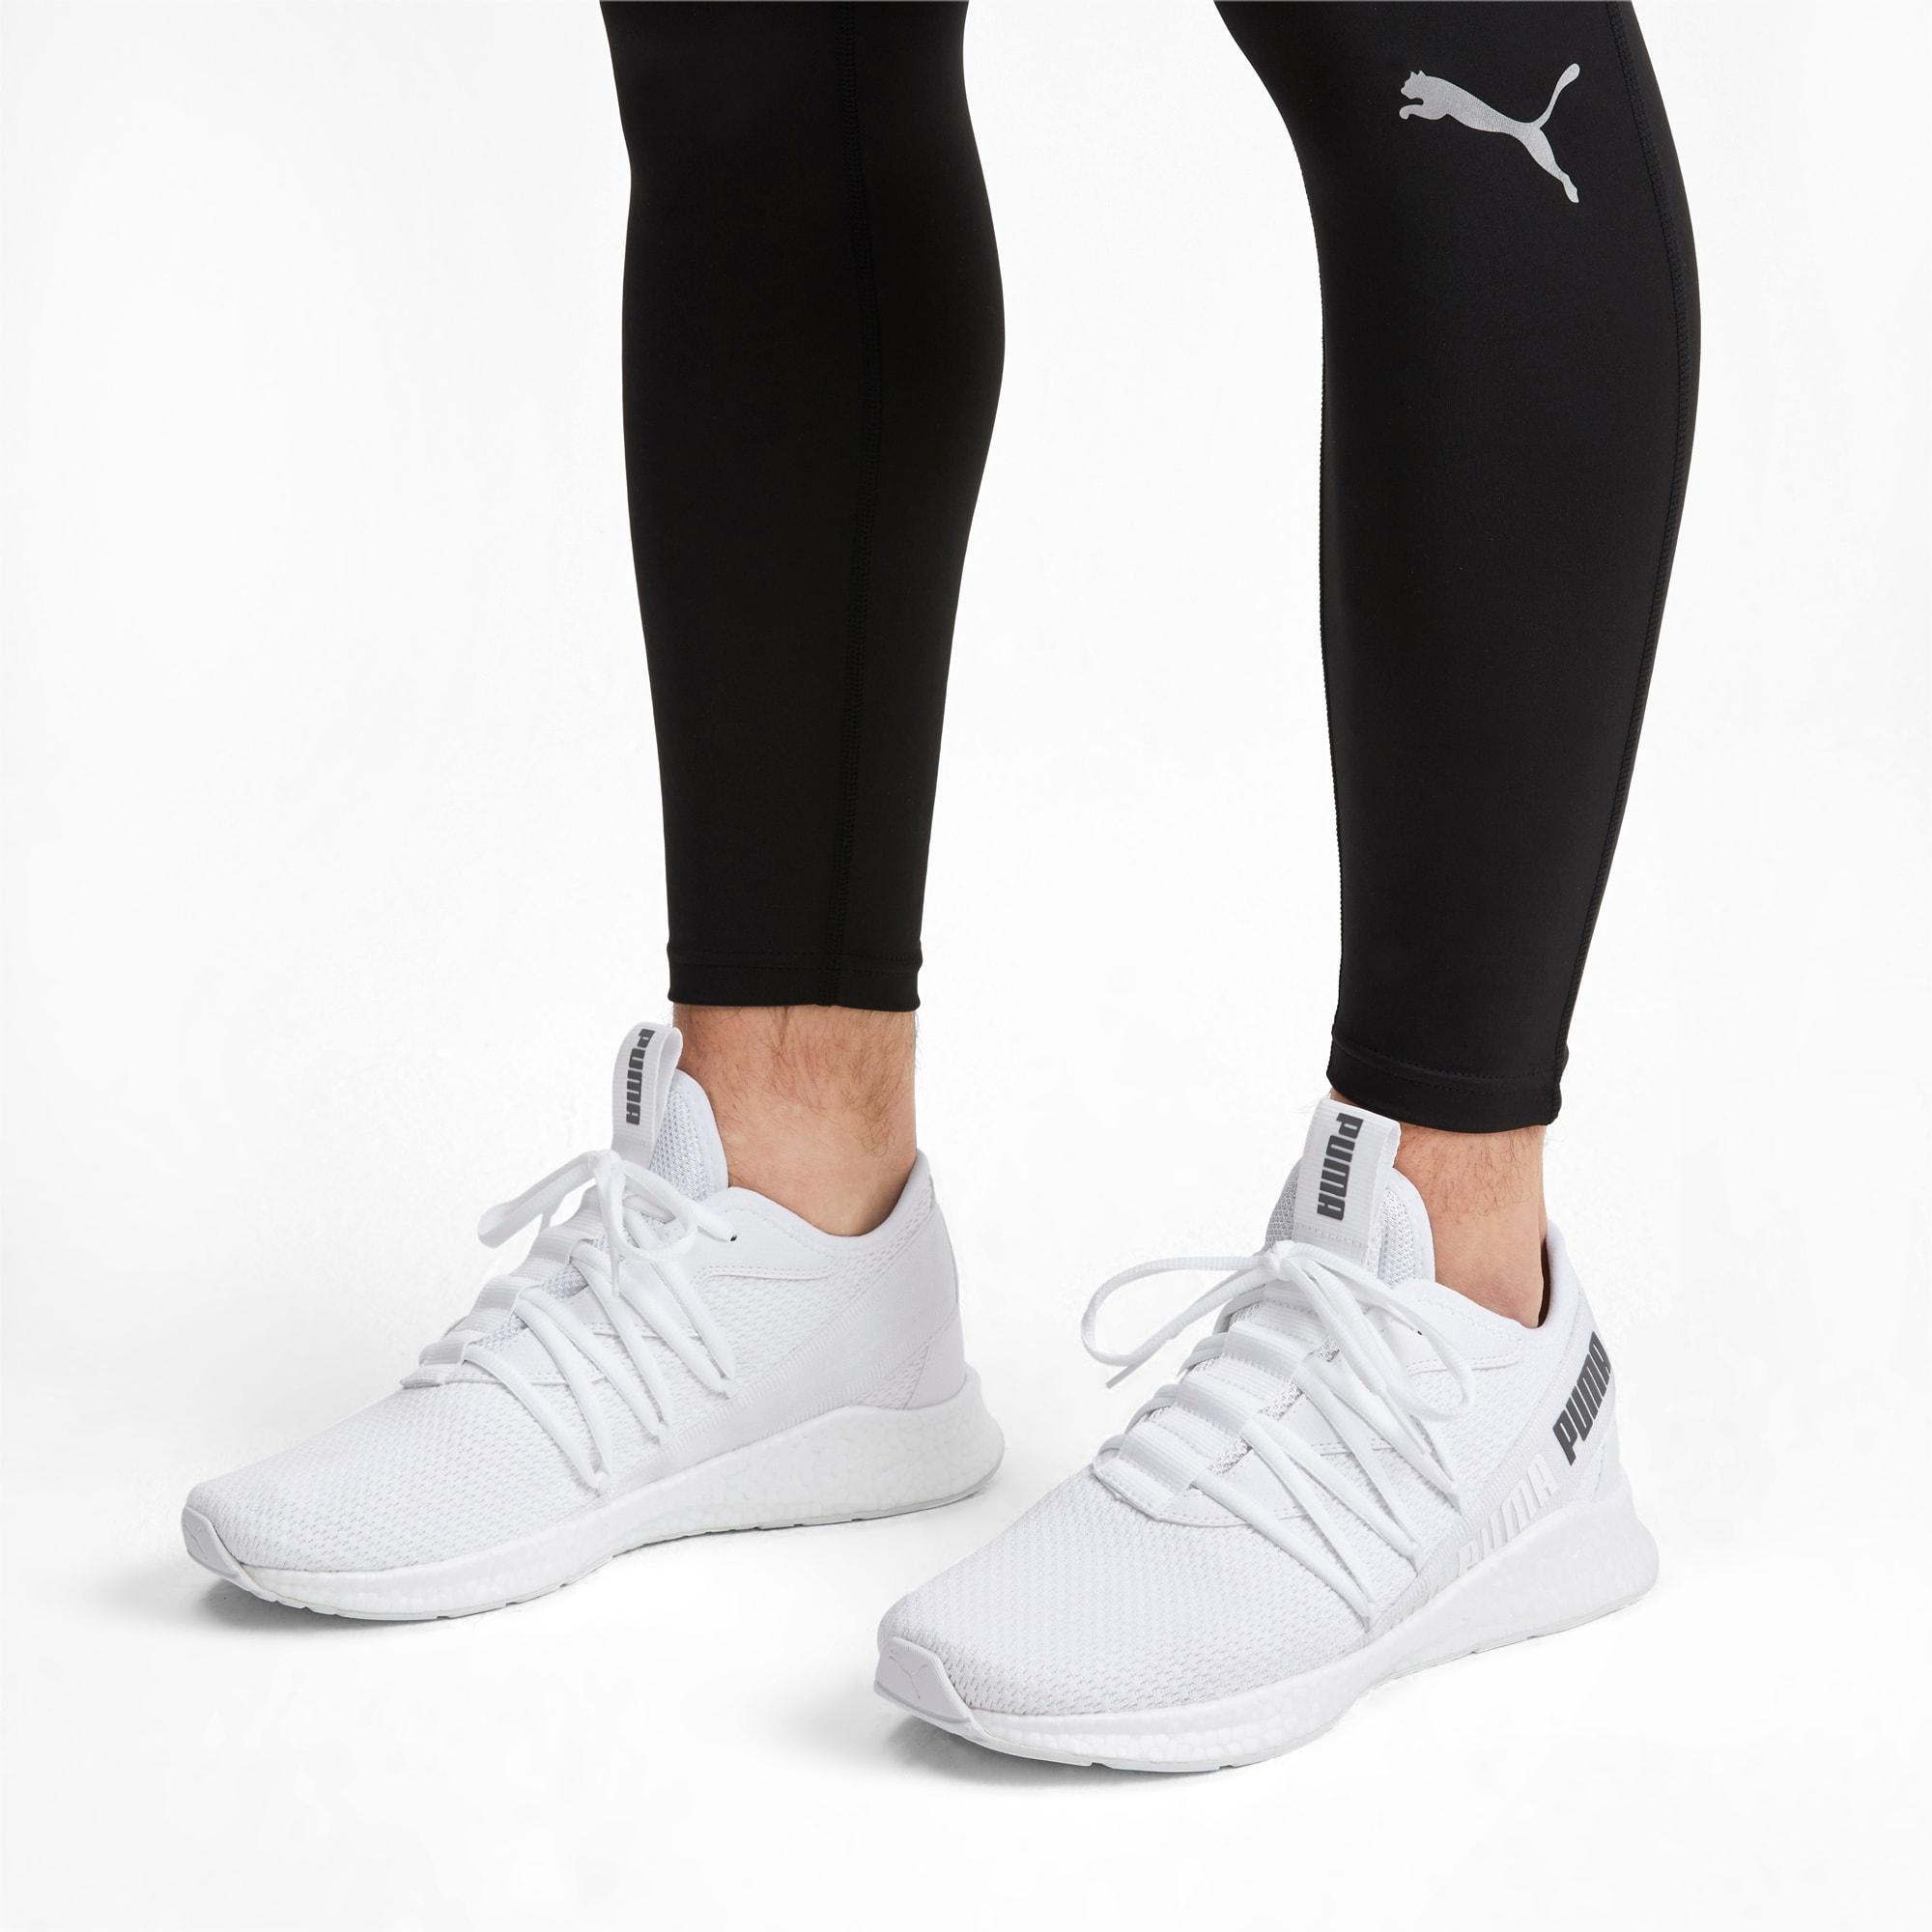 NRGY Star Men's Running Shoes